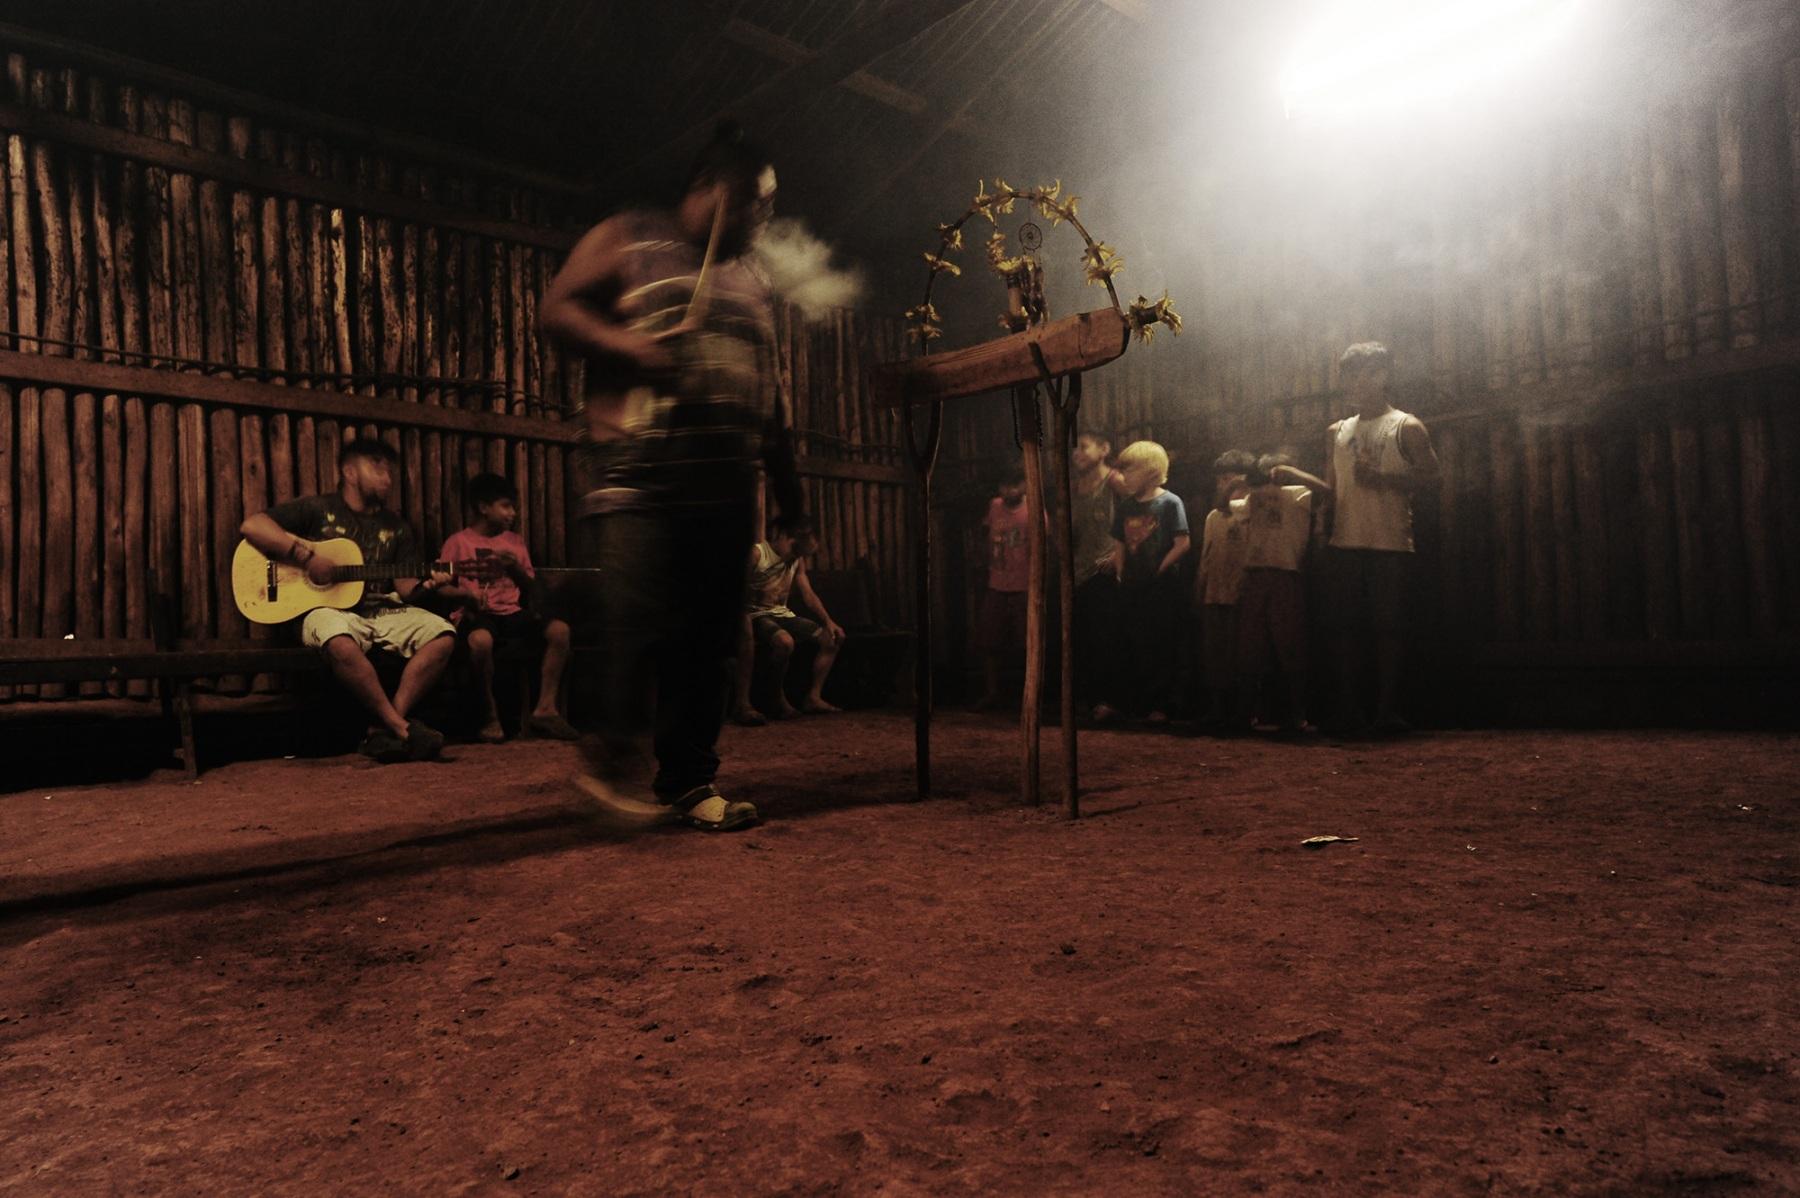 Terra terreno Territorio - parte do projeto Darueira - Dani Sandrini Terra terreno território  fala sobre o que é ser indígena na cidade de São Paulo nas suas múltiplas possibilidades, através de fotografias impressas artesanalmente com pigmentos naturais.